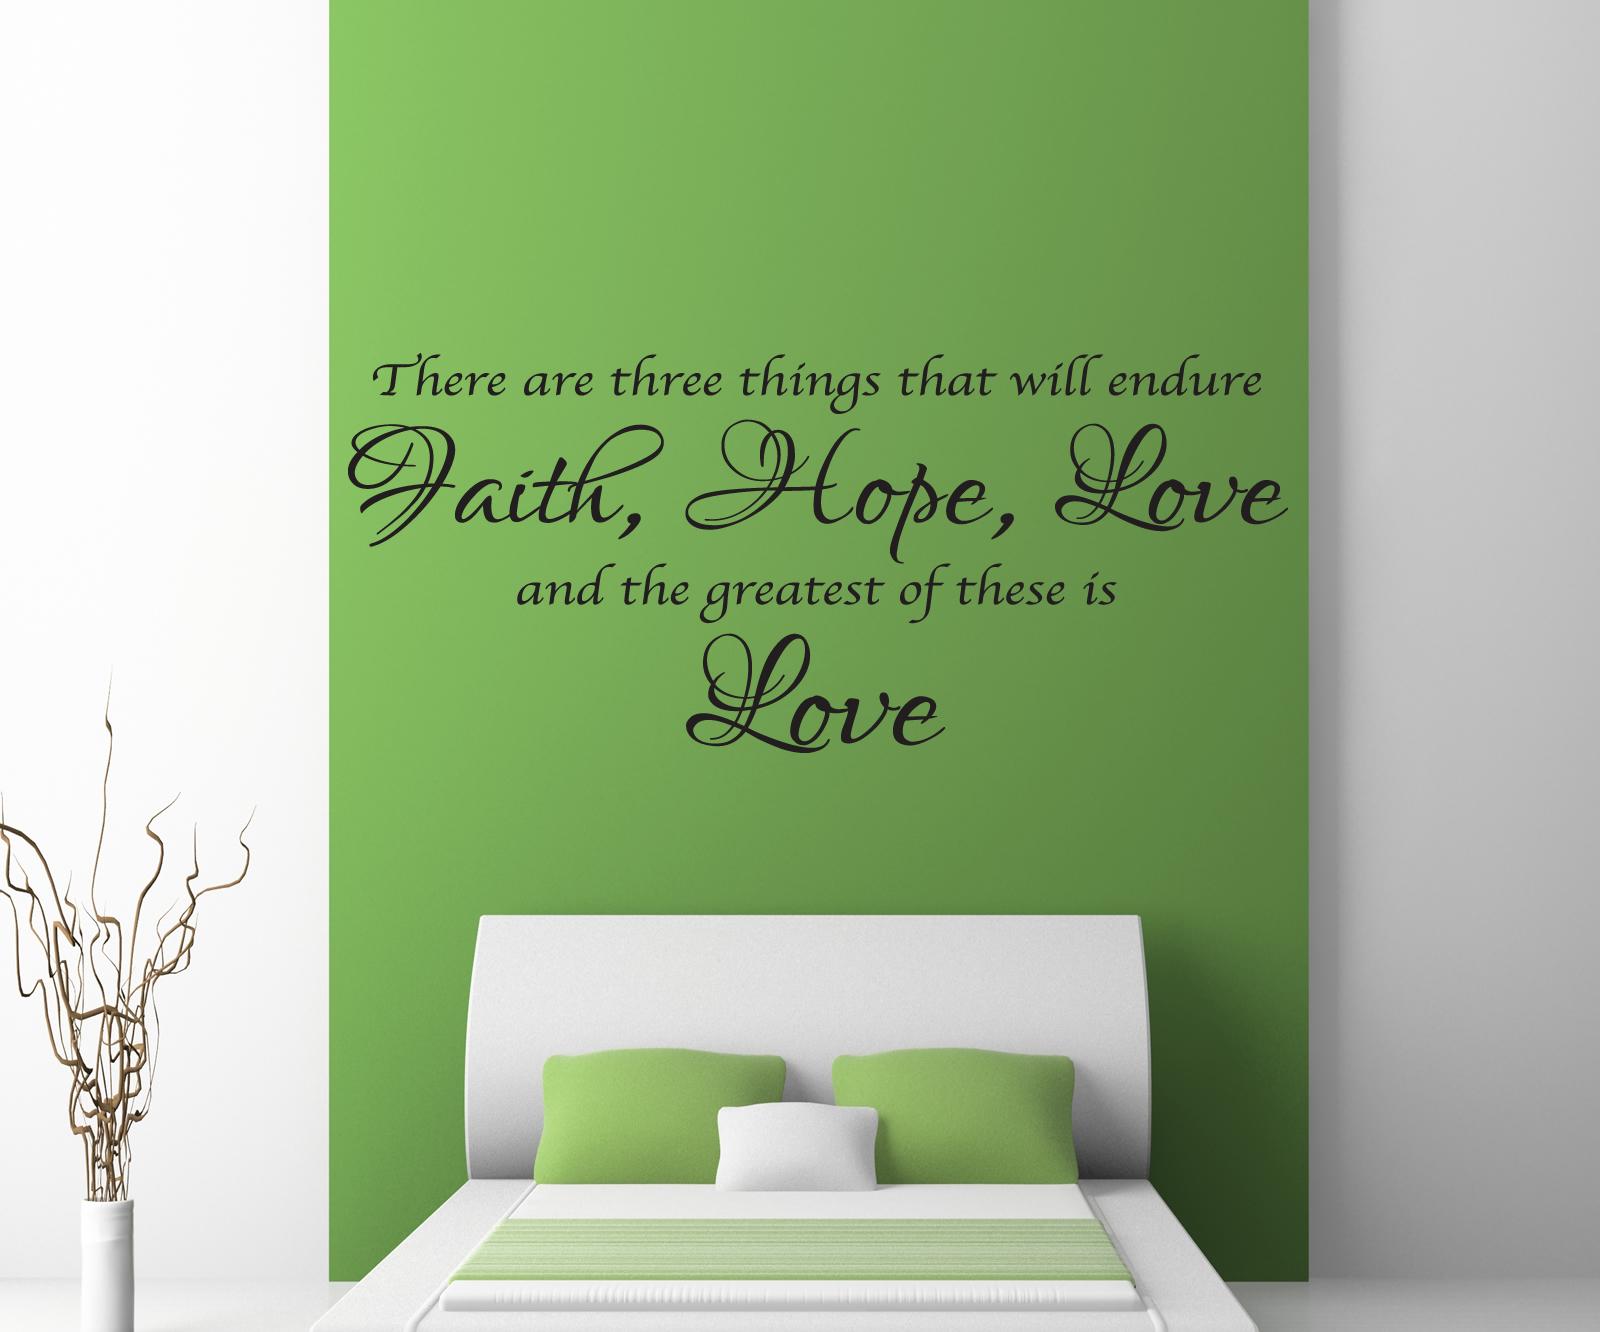 Detalles De Fe Esperanza Amor Frase En Una Calcamonía Mural Salón Dormitorio Adhesivo X87